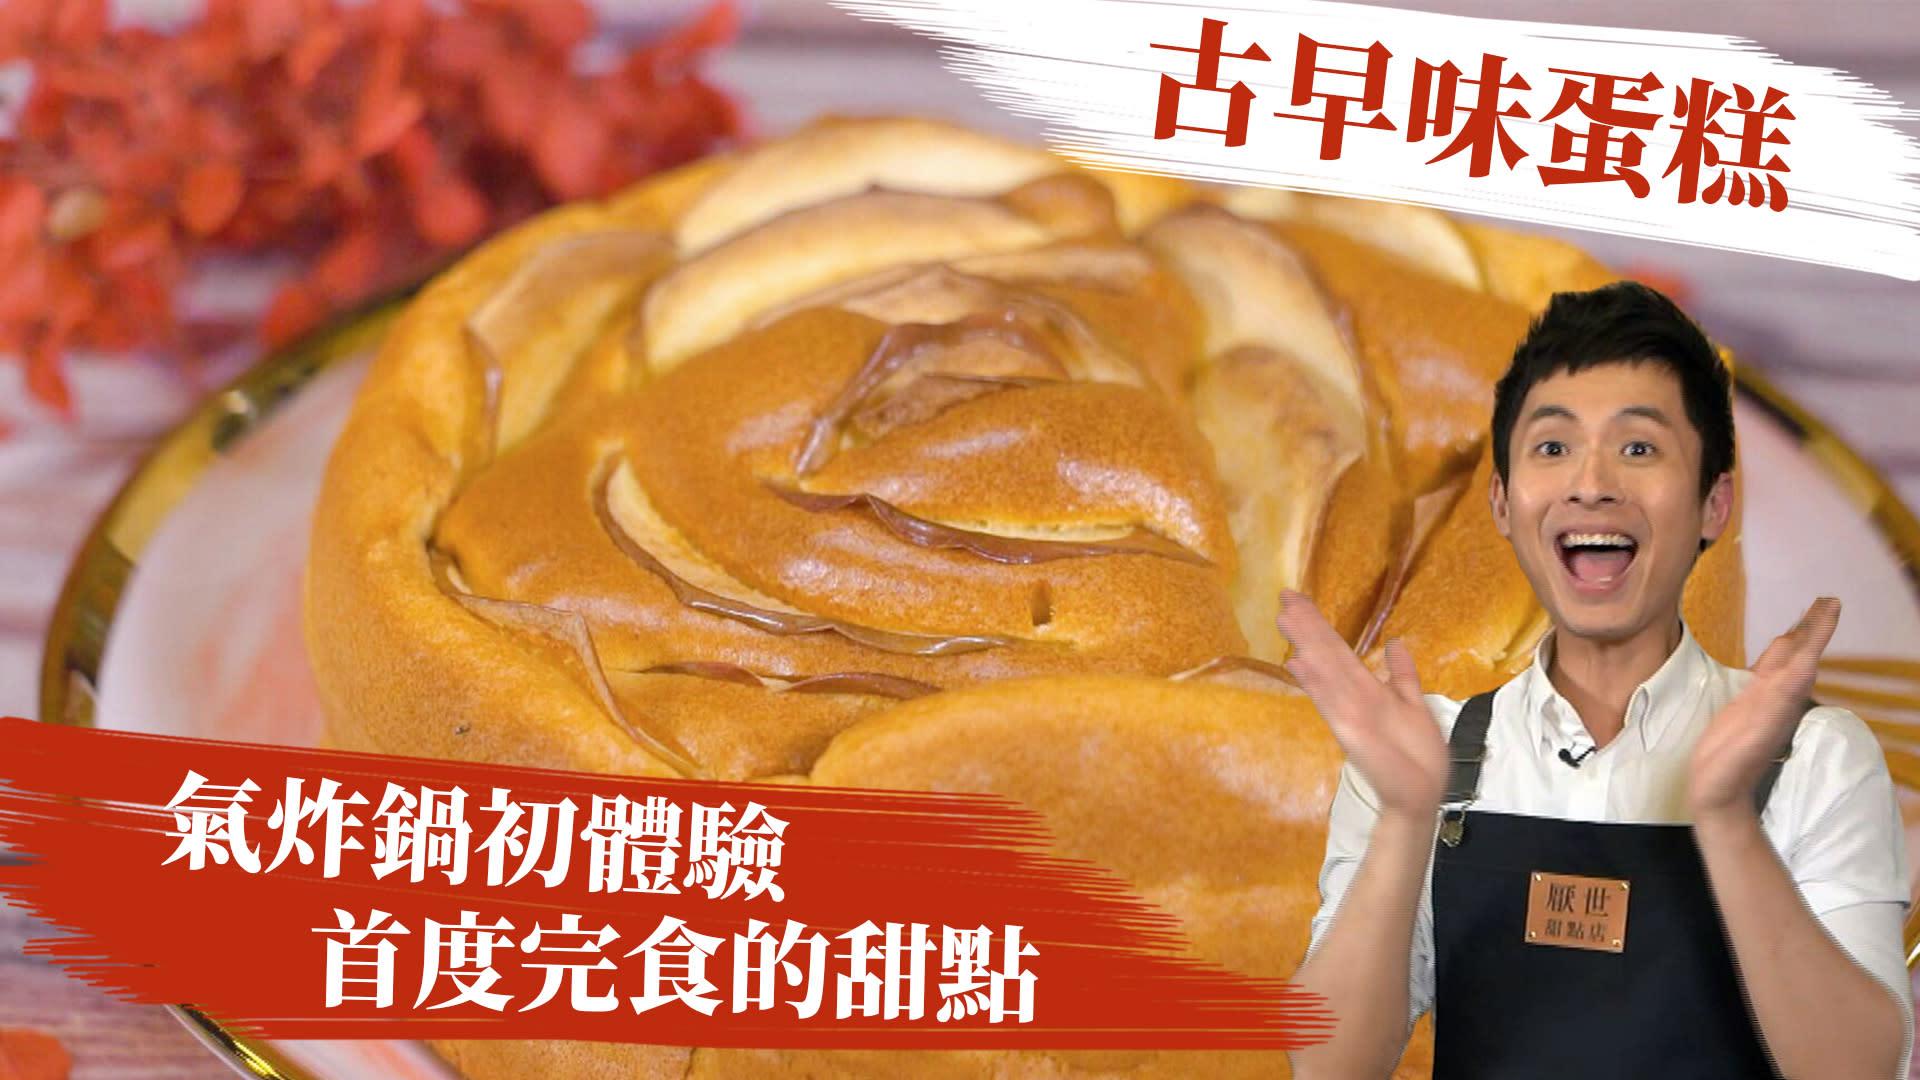 用氣炸鍋做古早味蛋糕 開播以來首次被完食?!【氣炸鍋出年菜】